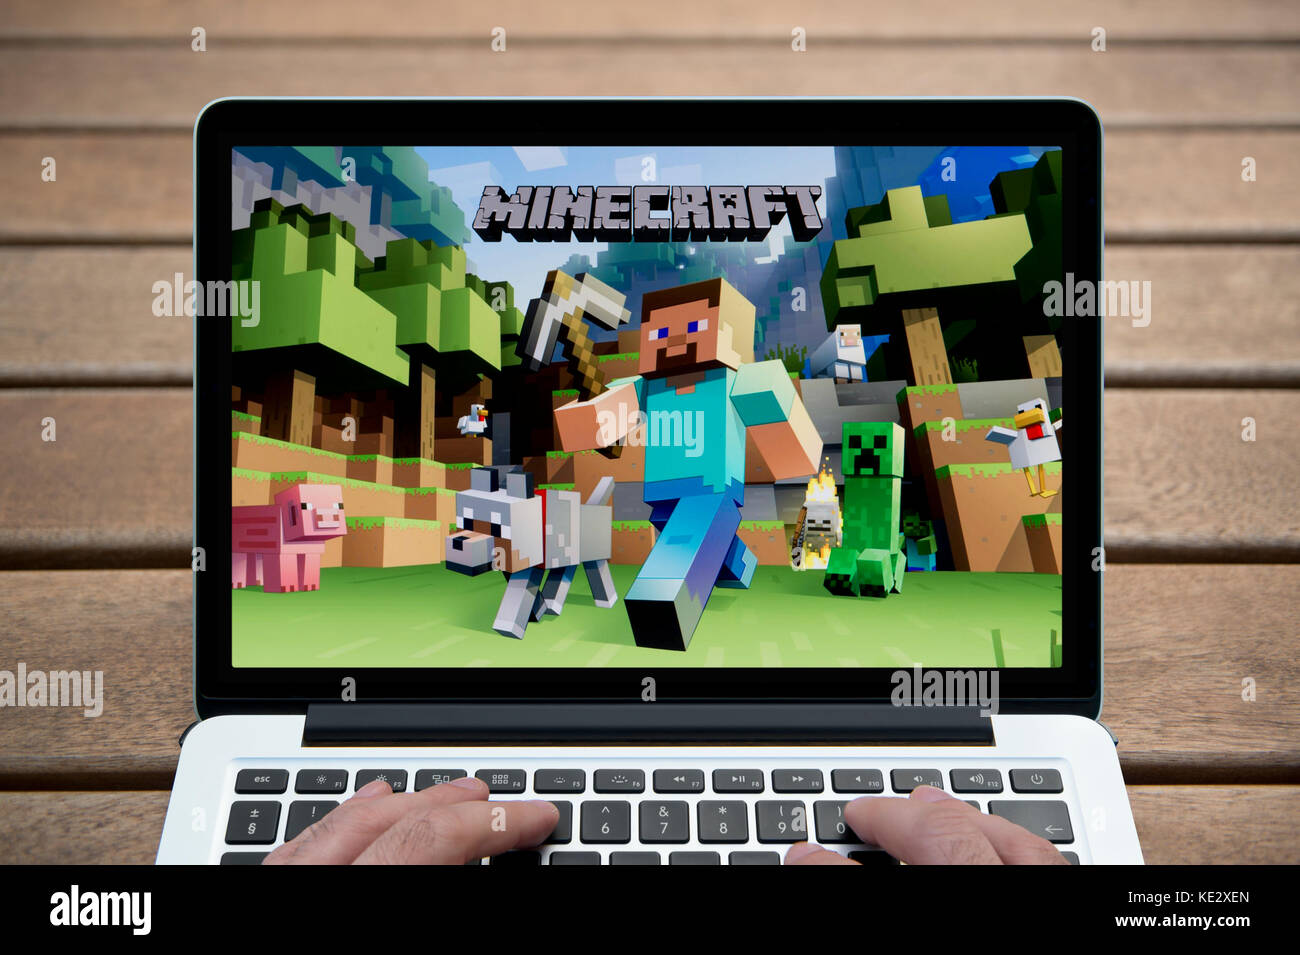 Minecraft Spielen Deutsch Minecraft Spiele Spielen Ohne Download - Minecraft spiele spielen ohne download